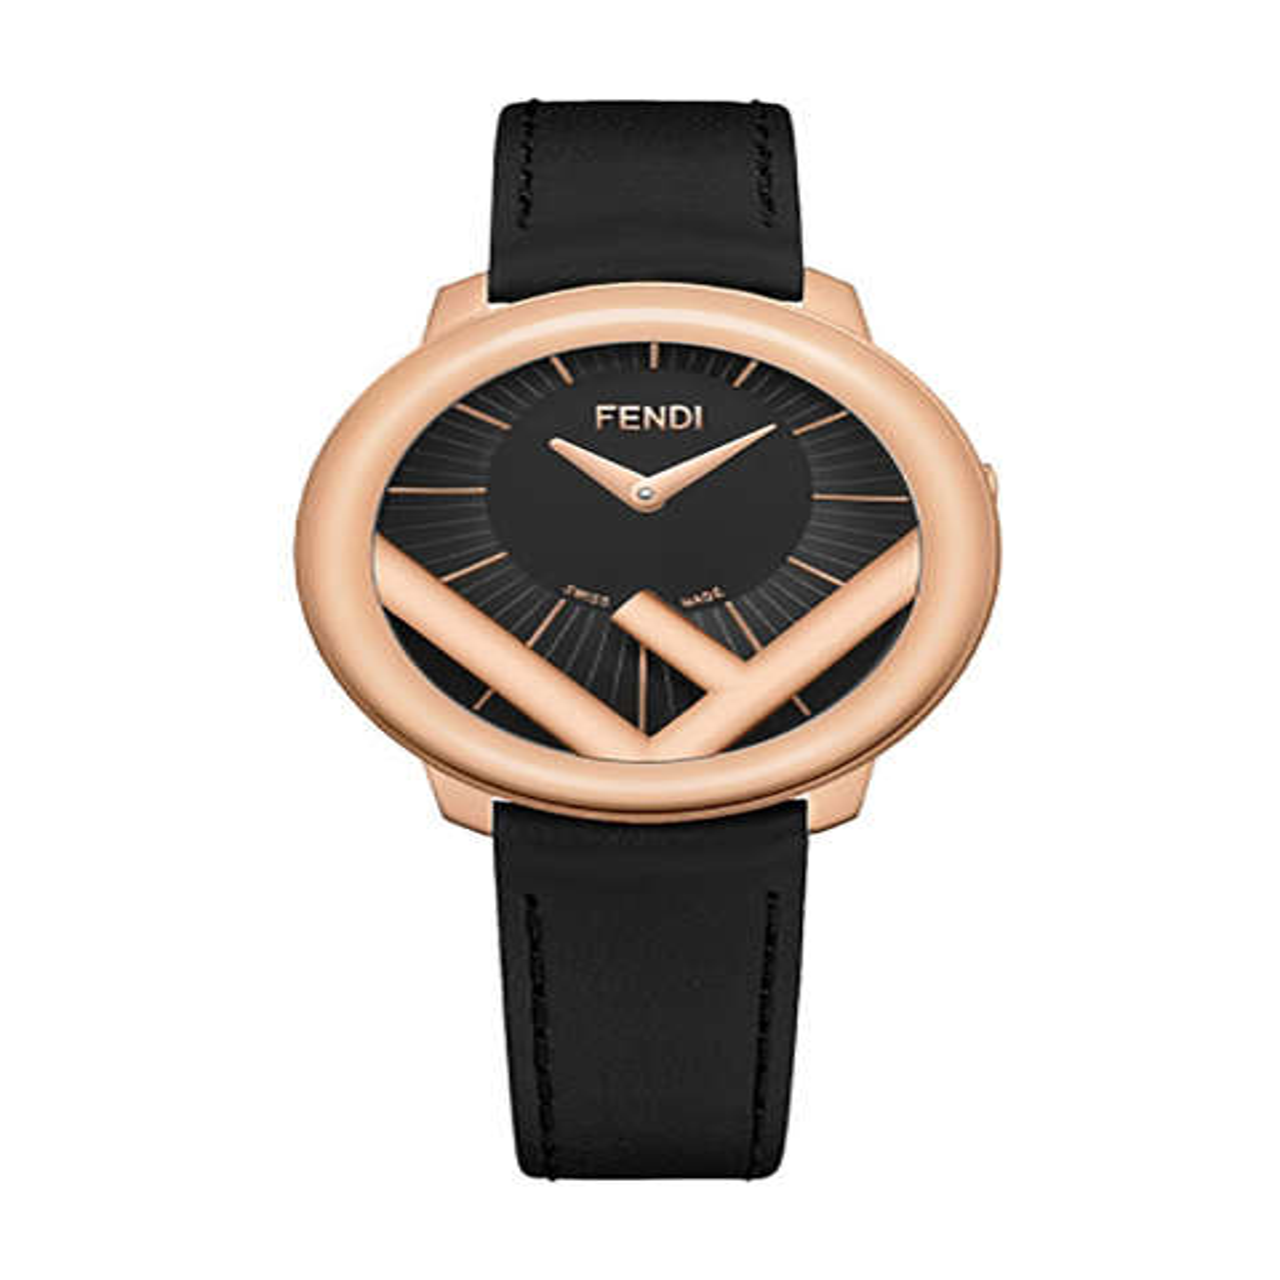 ساعت مچی عقربه ای زنانه فندی مدل F710531011